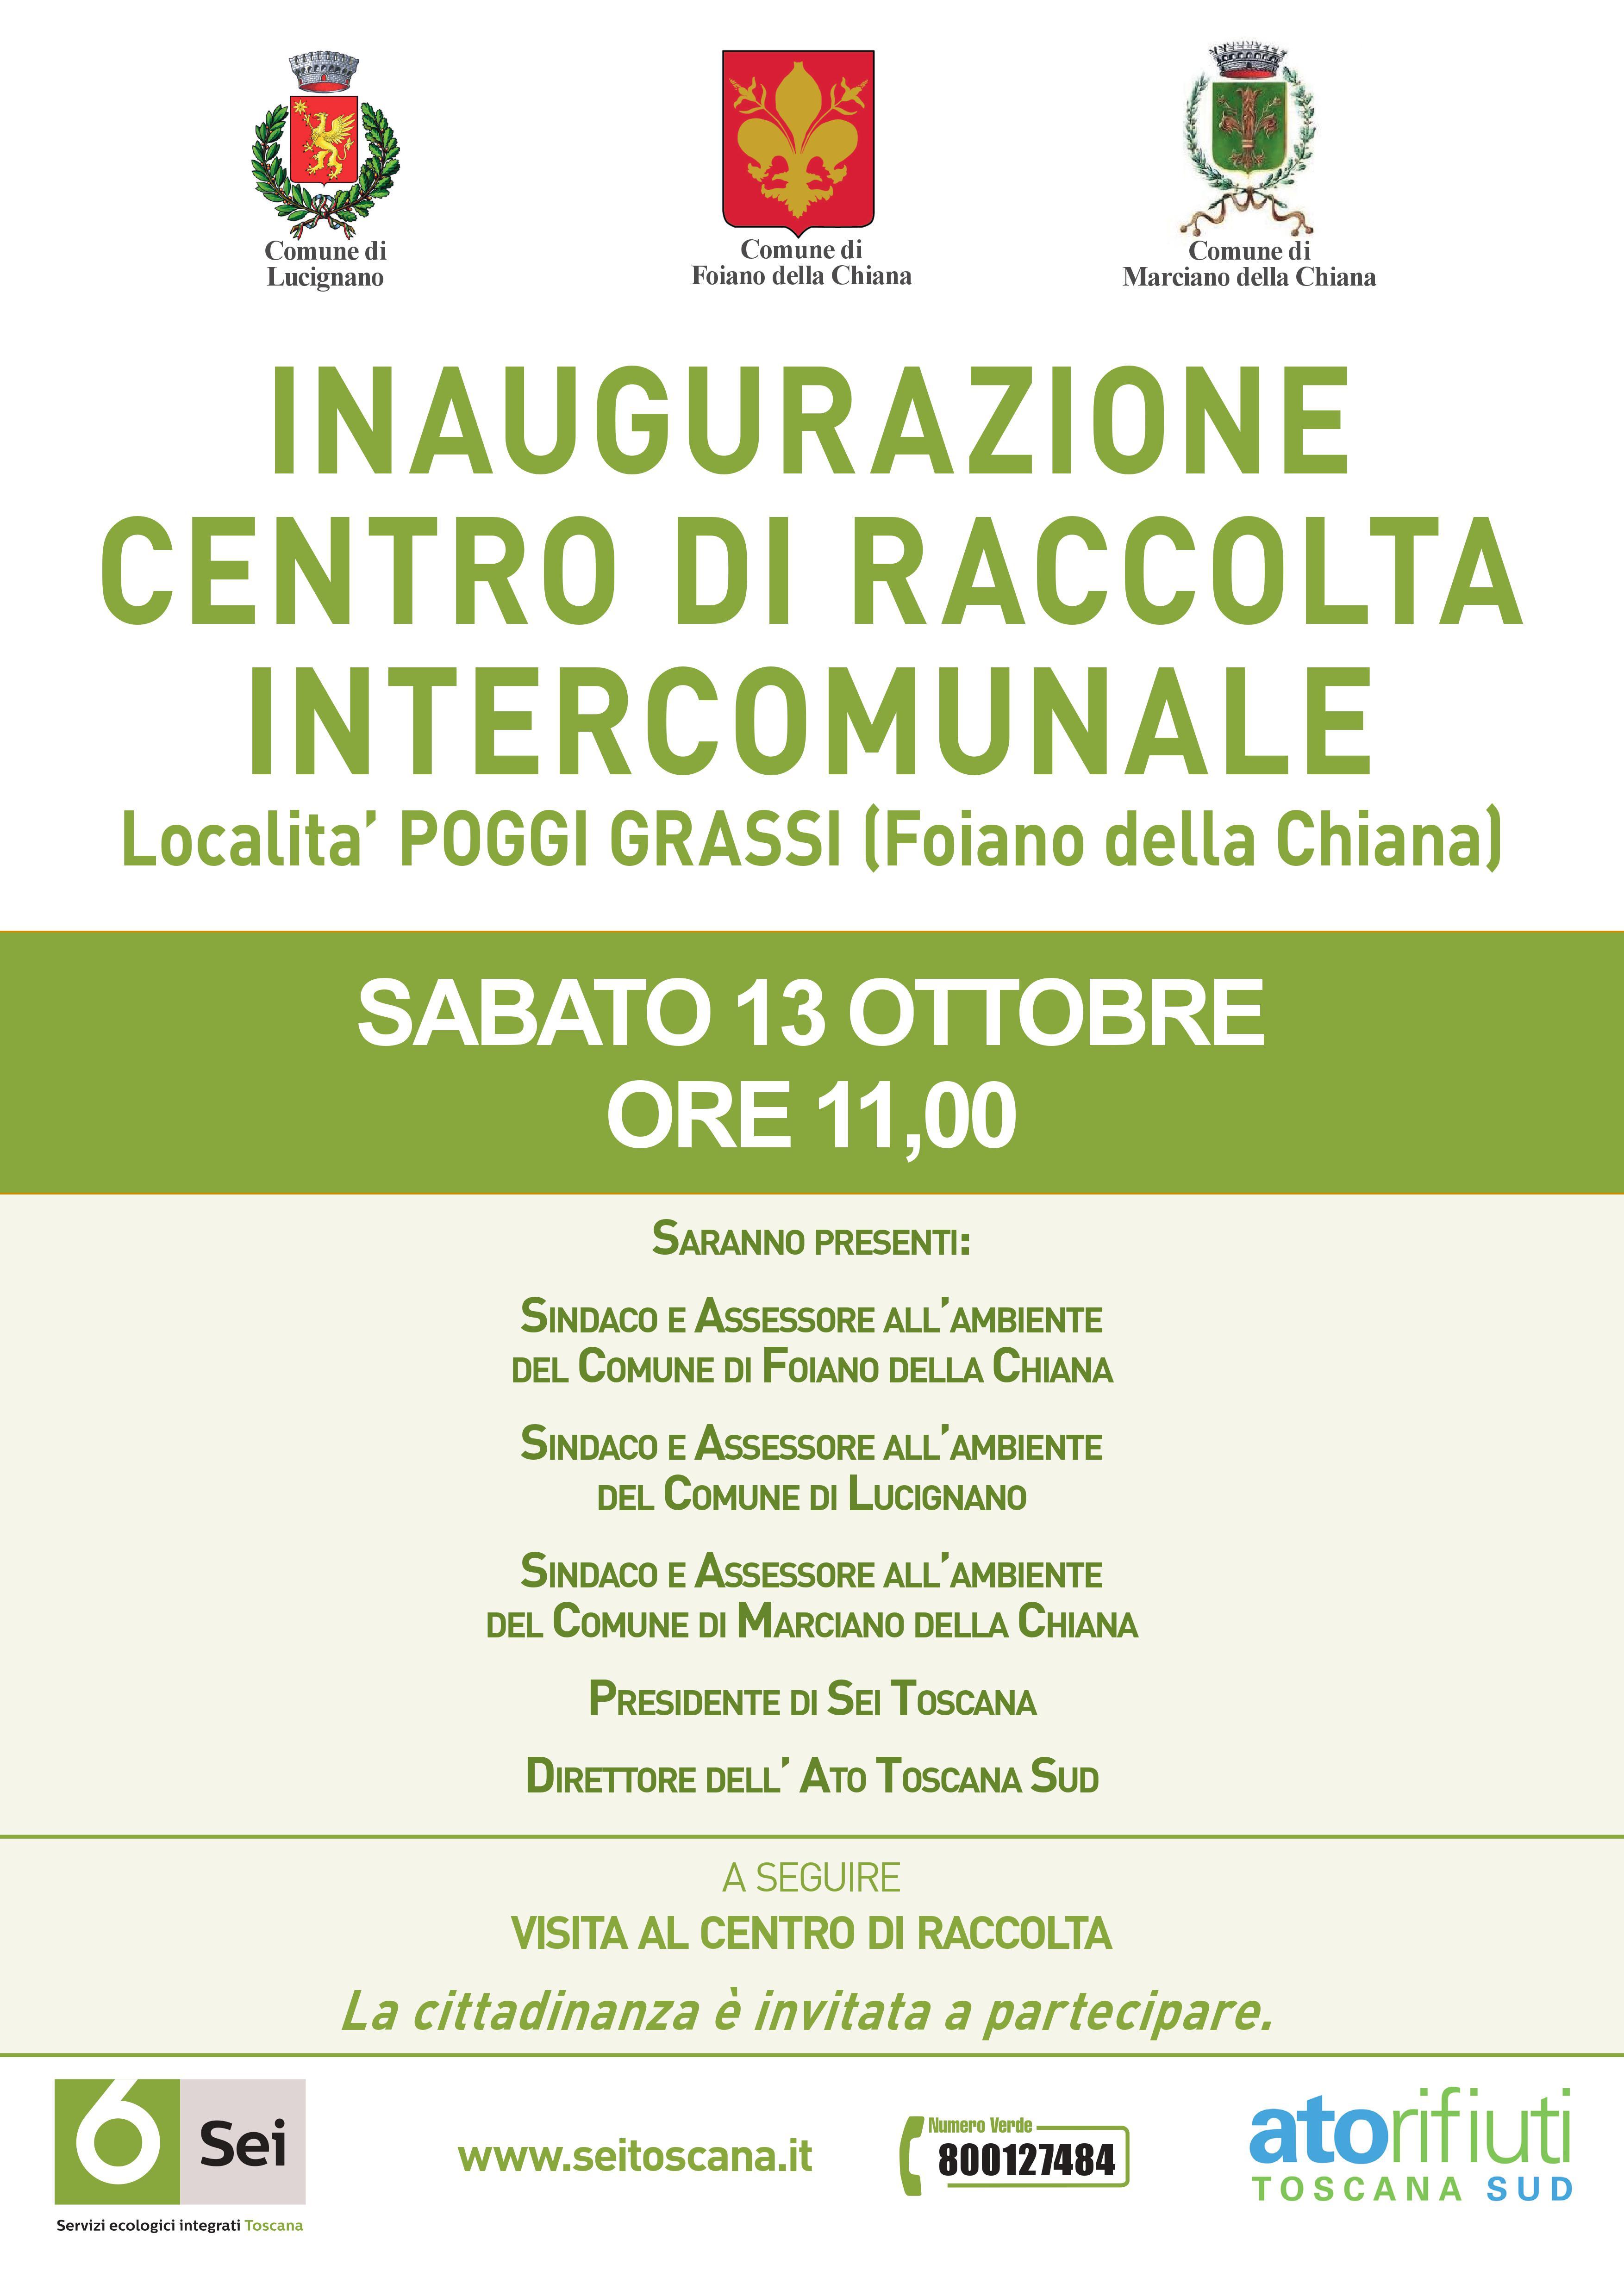 Sabato inaugurazione del Centro di Raccolta Intercomunale per Foiano, Lucignano e Marciano